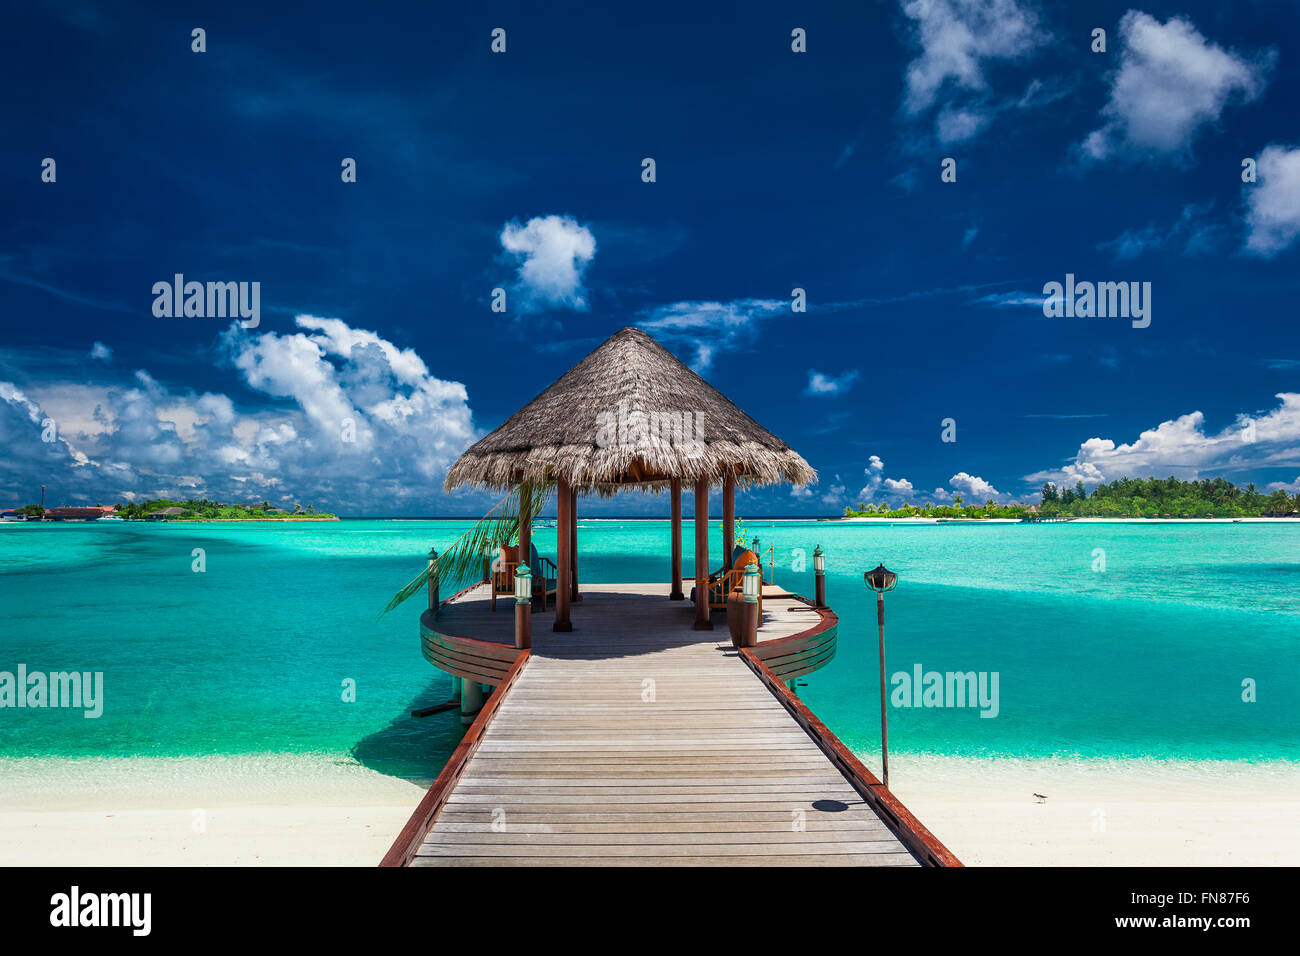 Embarcadero tradicional en un lujoso resort de Maldivas, Océano Índico Imagen De Stock